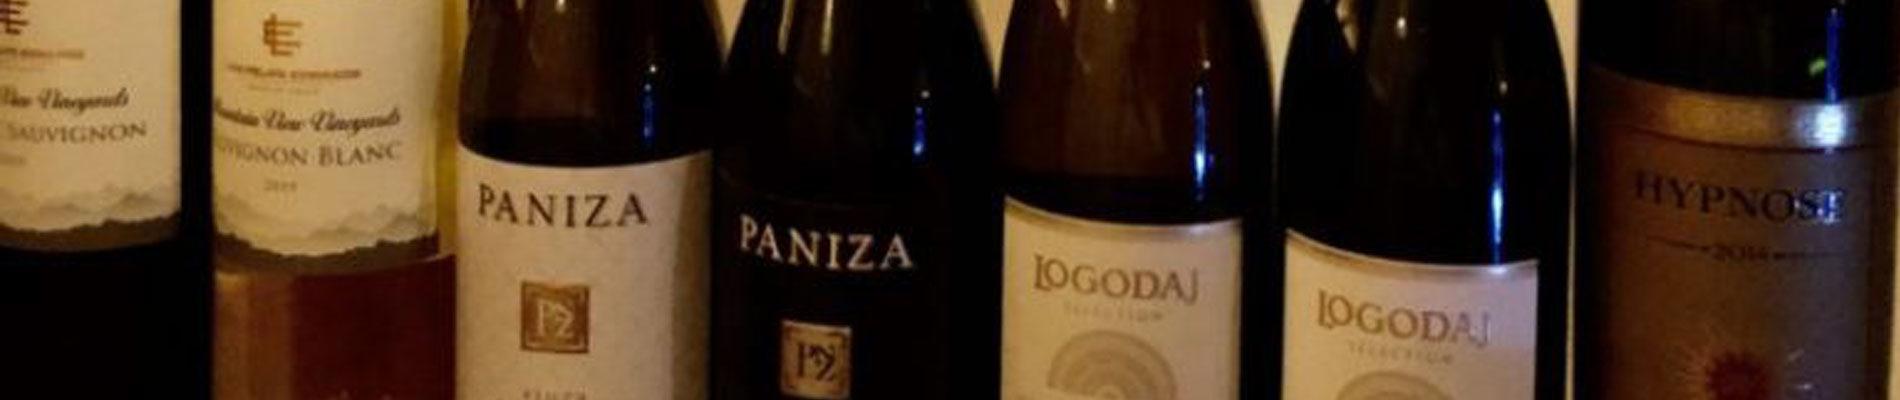 テイクアウトのワイン